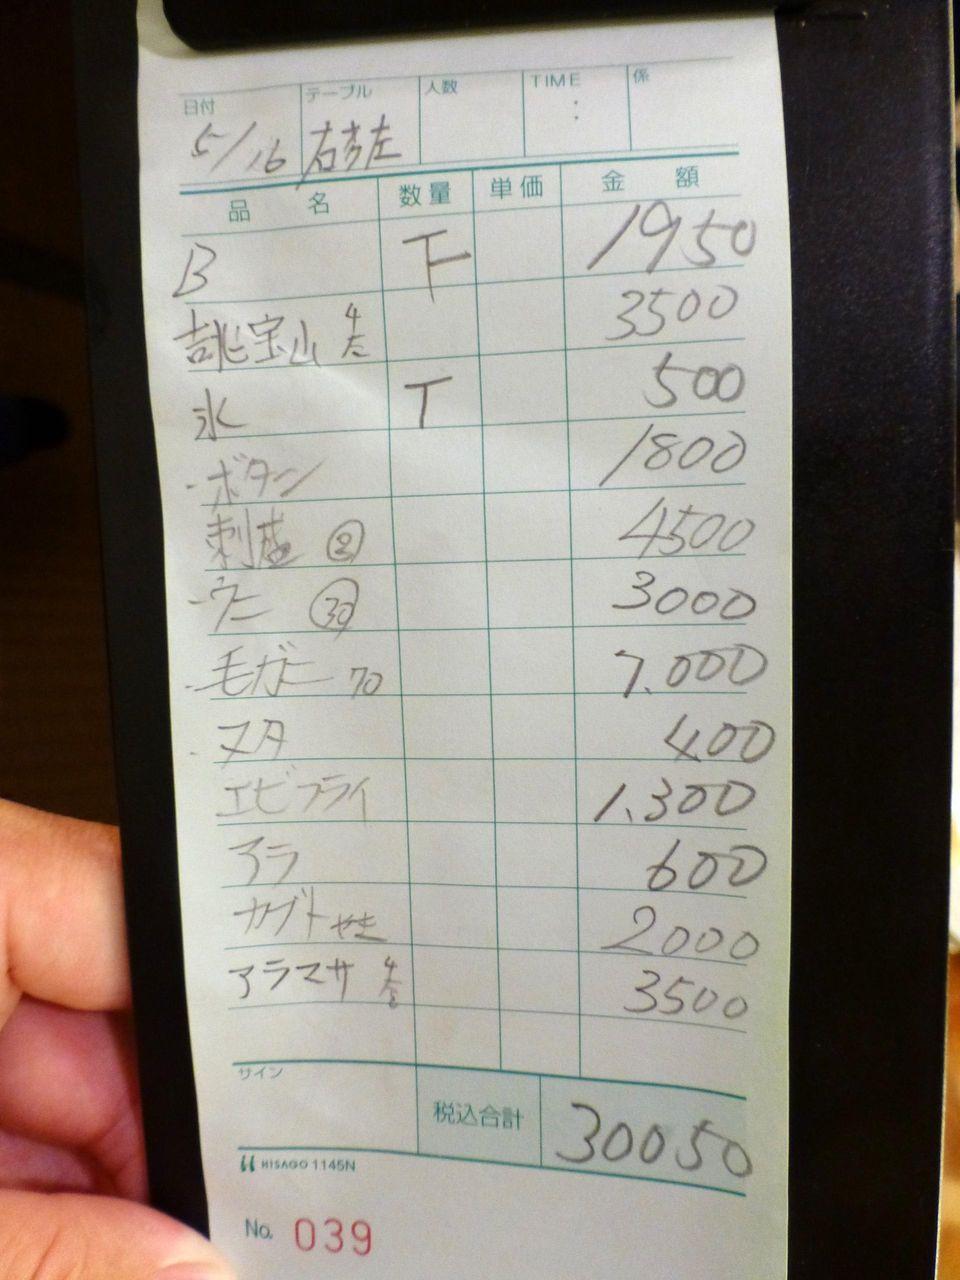 お会計は、4人で30,050円!(1人約7,500円)